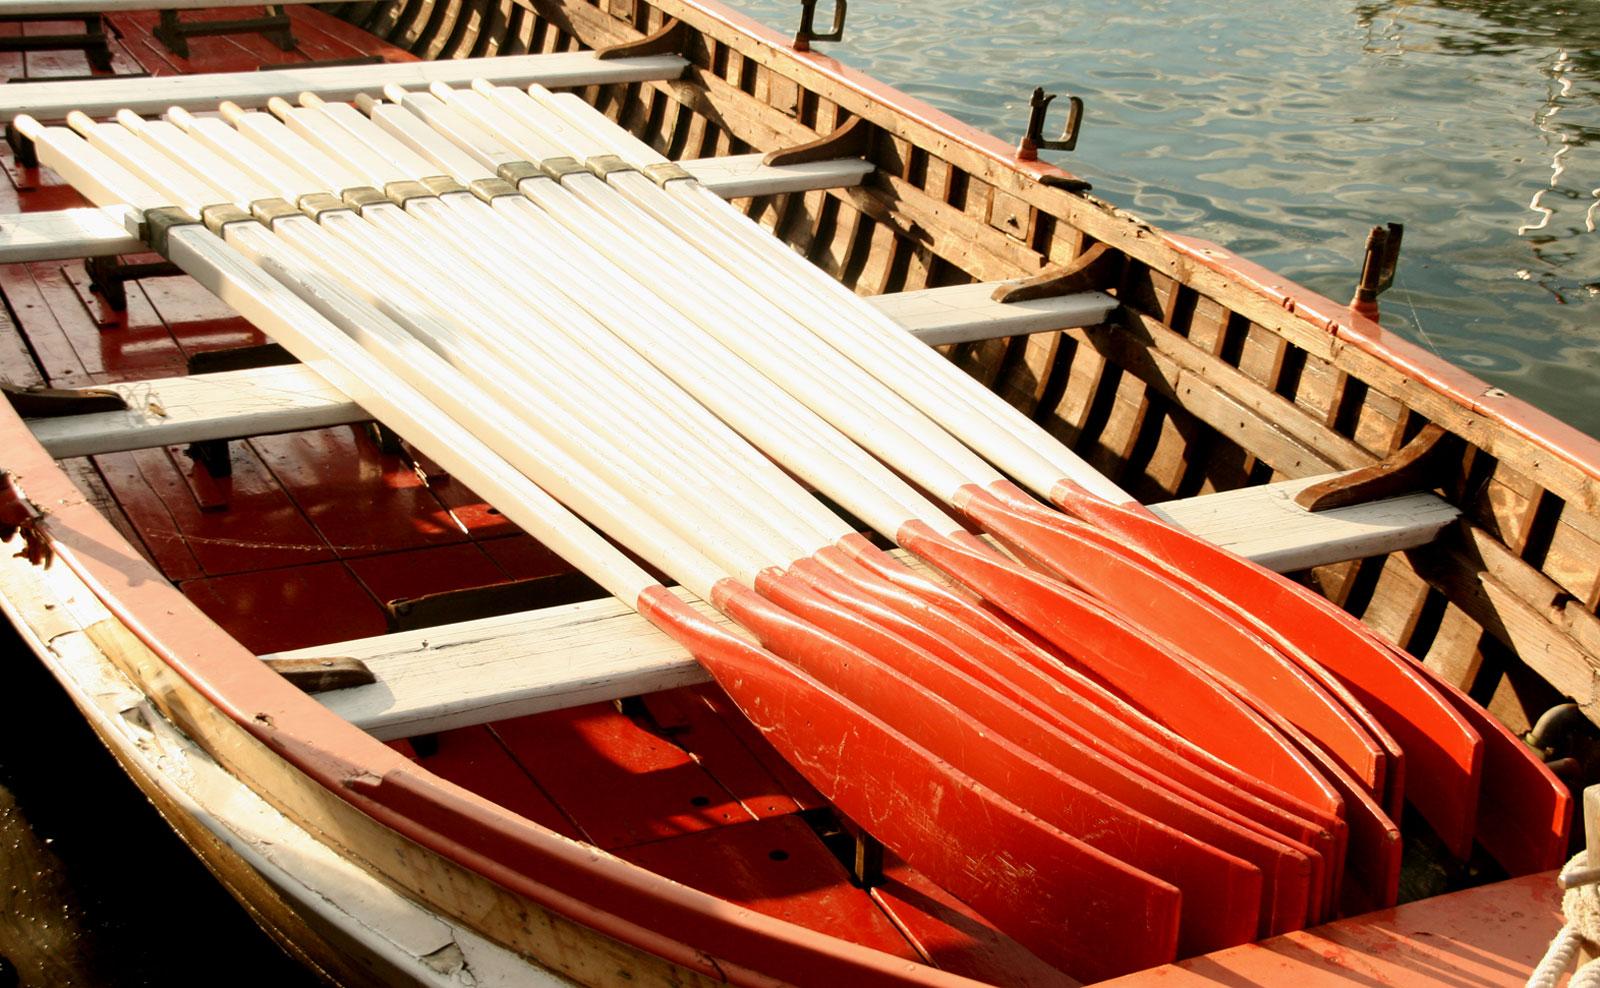 La barque 12 rameurs de la section sauvetage d'Yvoire